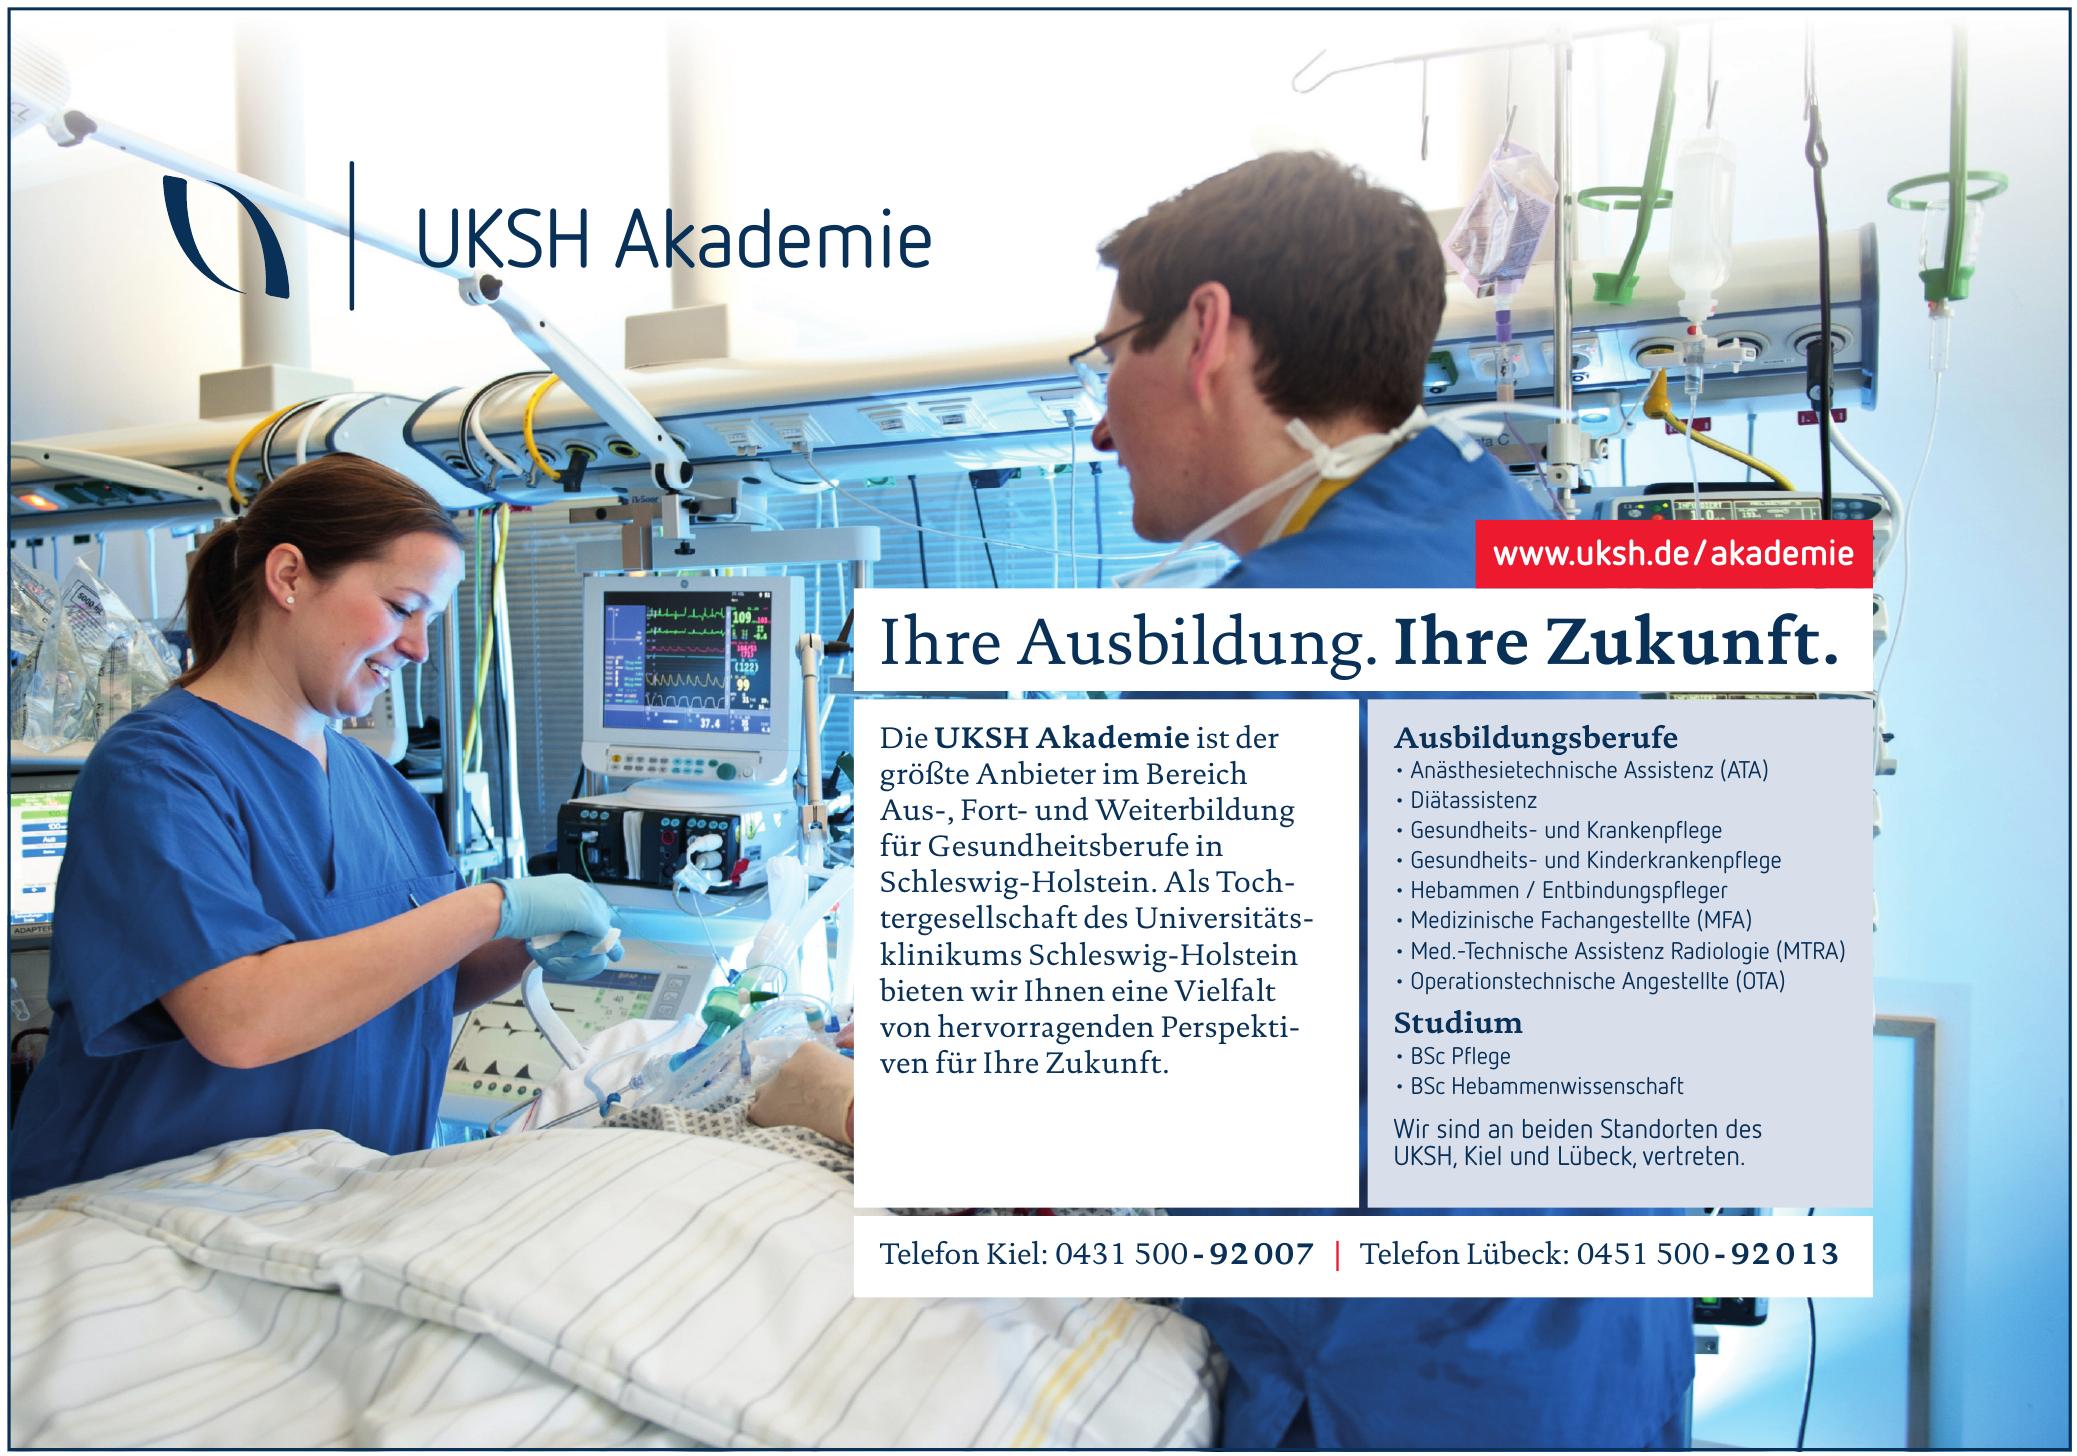 UKSH Akademie gGmbH